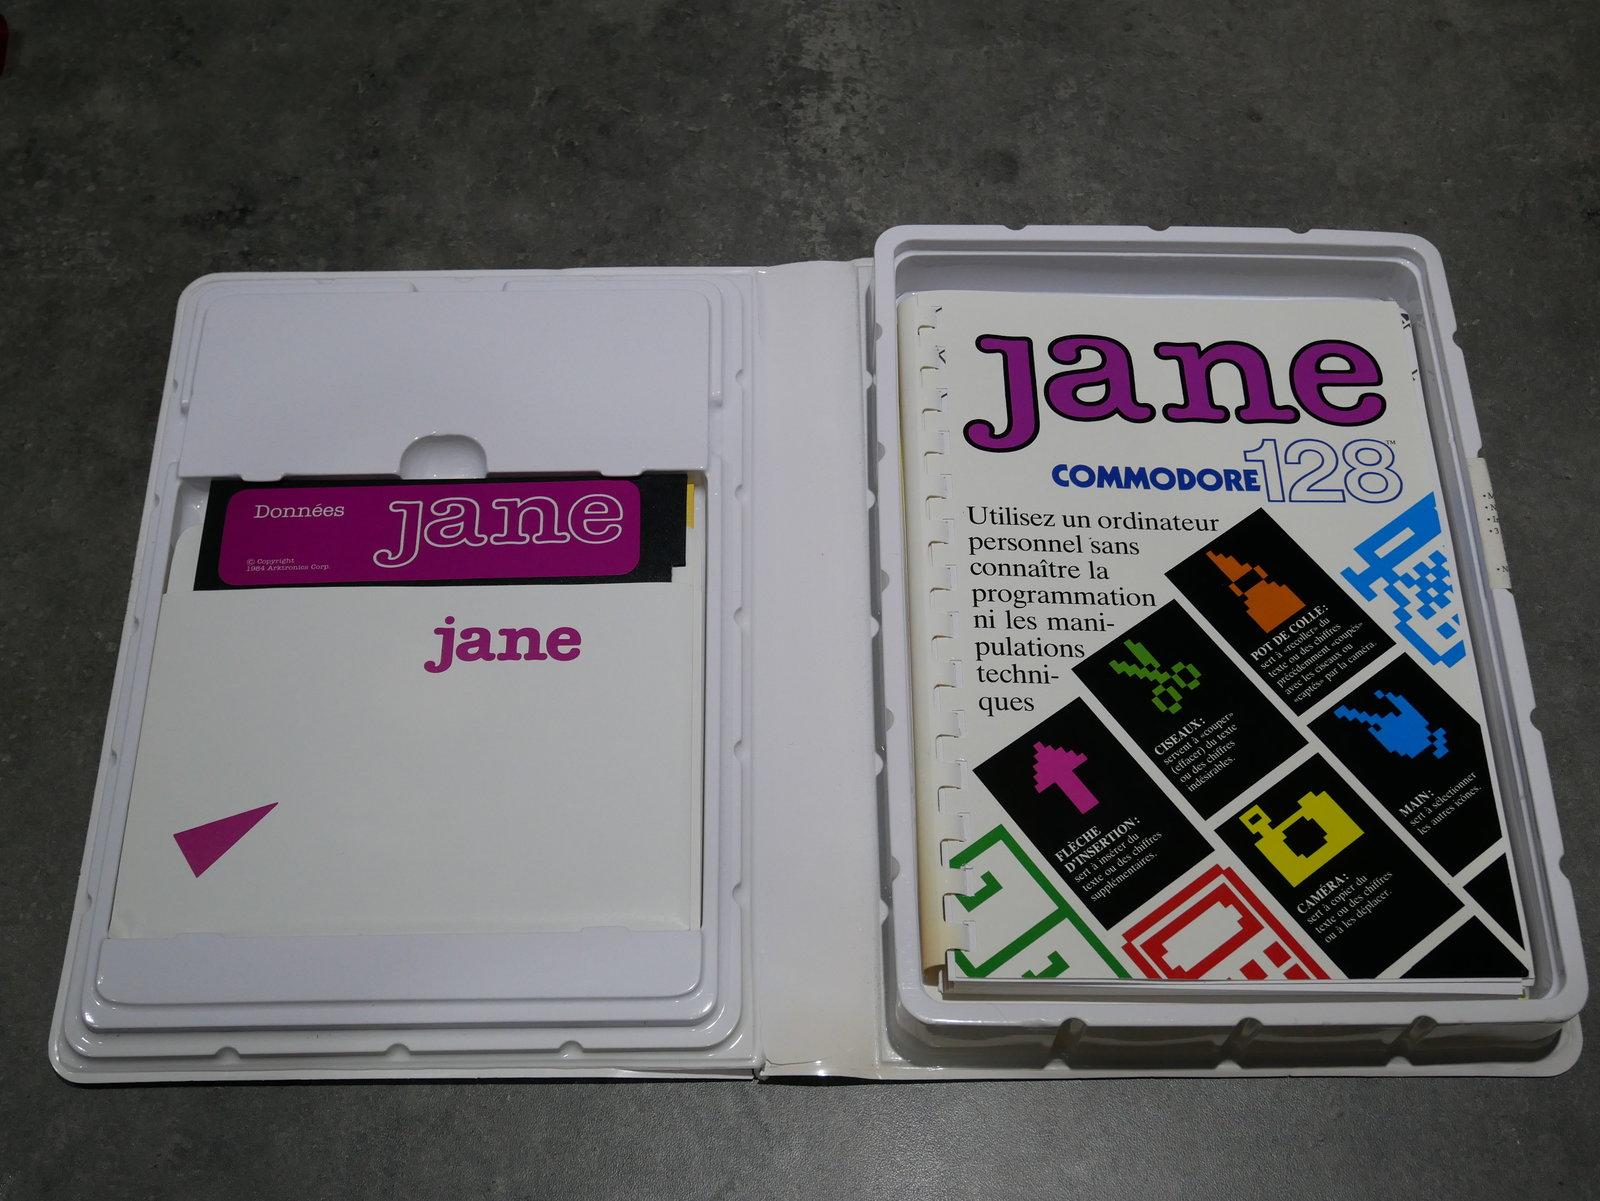 [VDS] C64/128 : divers accessoires (livre, logiciel, cartouches) 200512055459615775